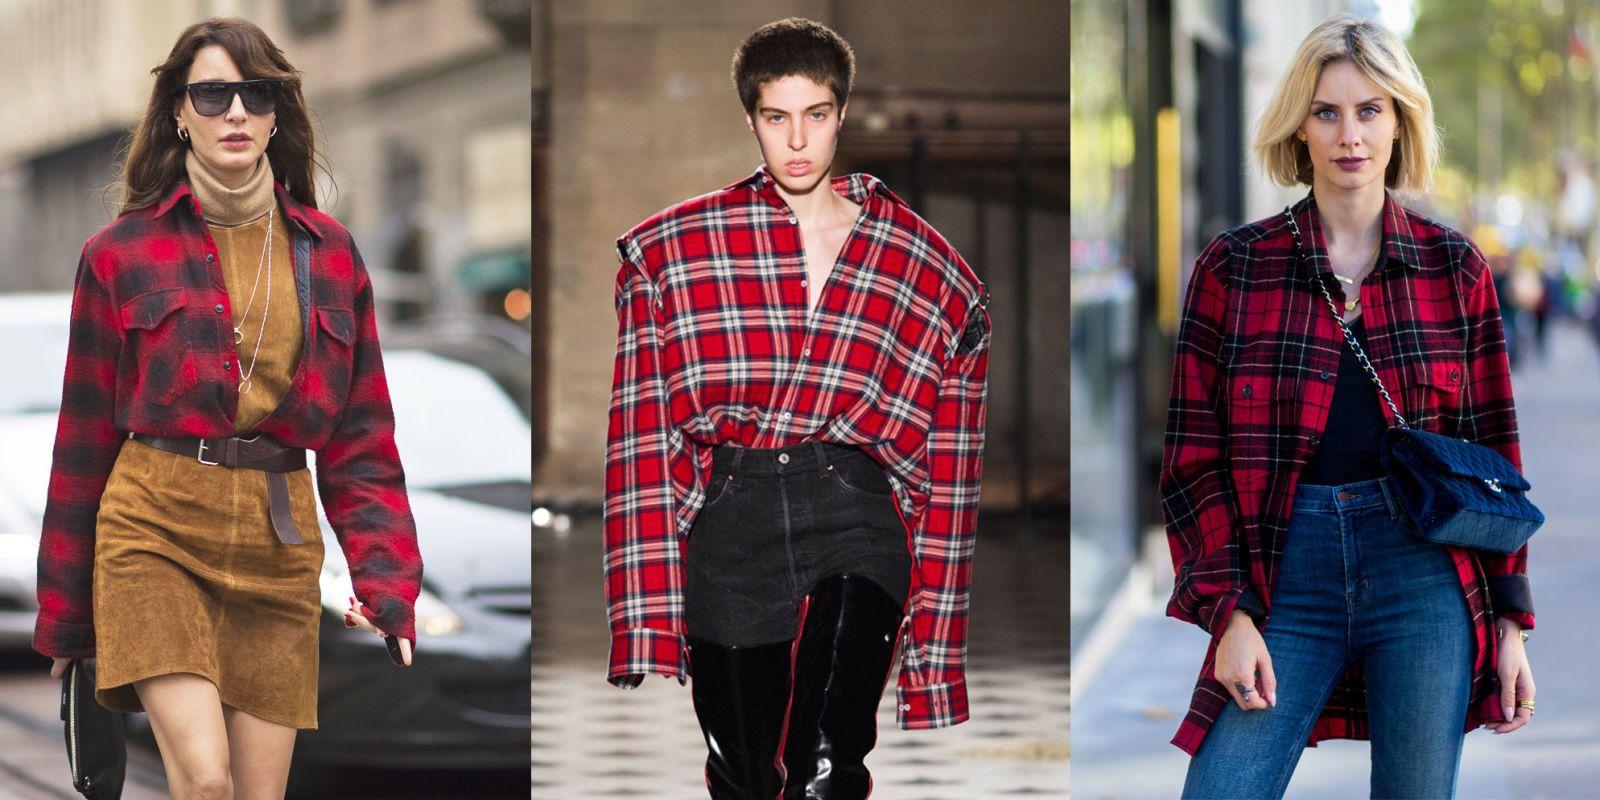 Glam Indossarla A E Per Modi Nera4 Camicia Quadri Rossa nO08wPkX